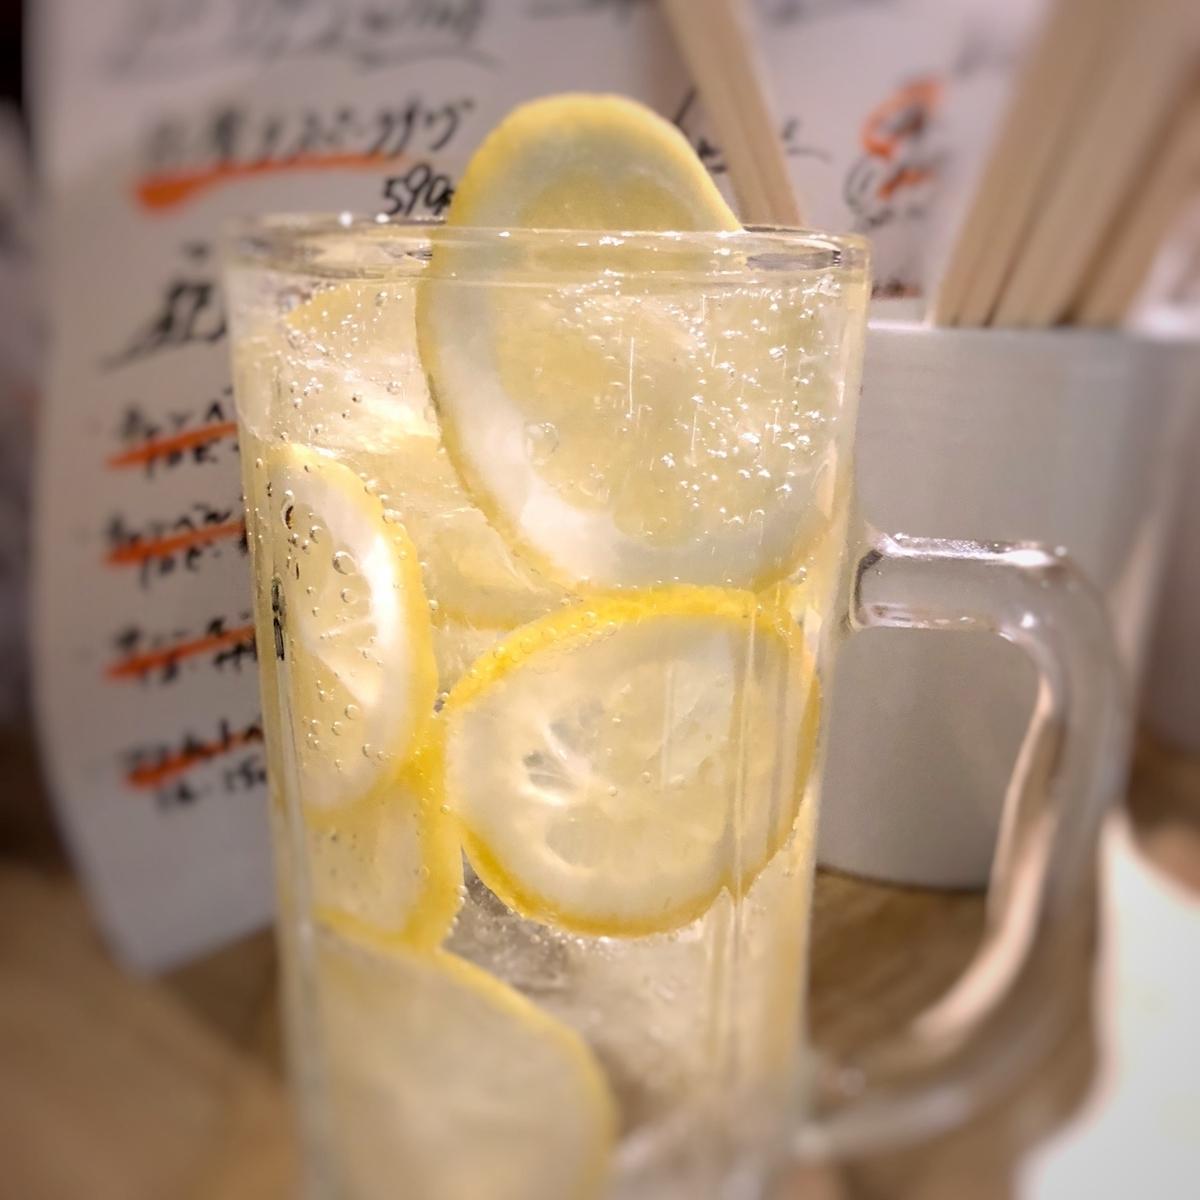 レモンたっぷりチューハイイメージ